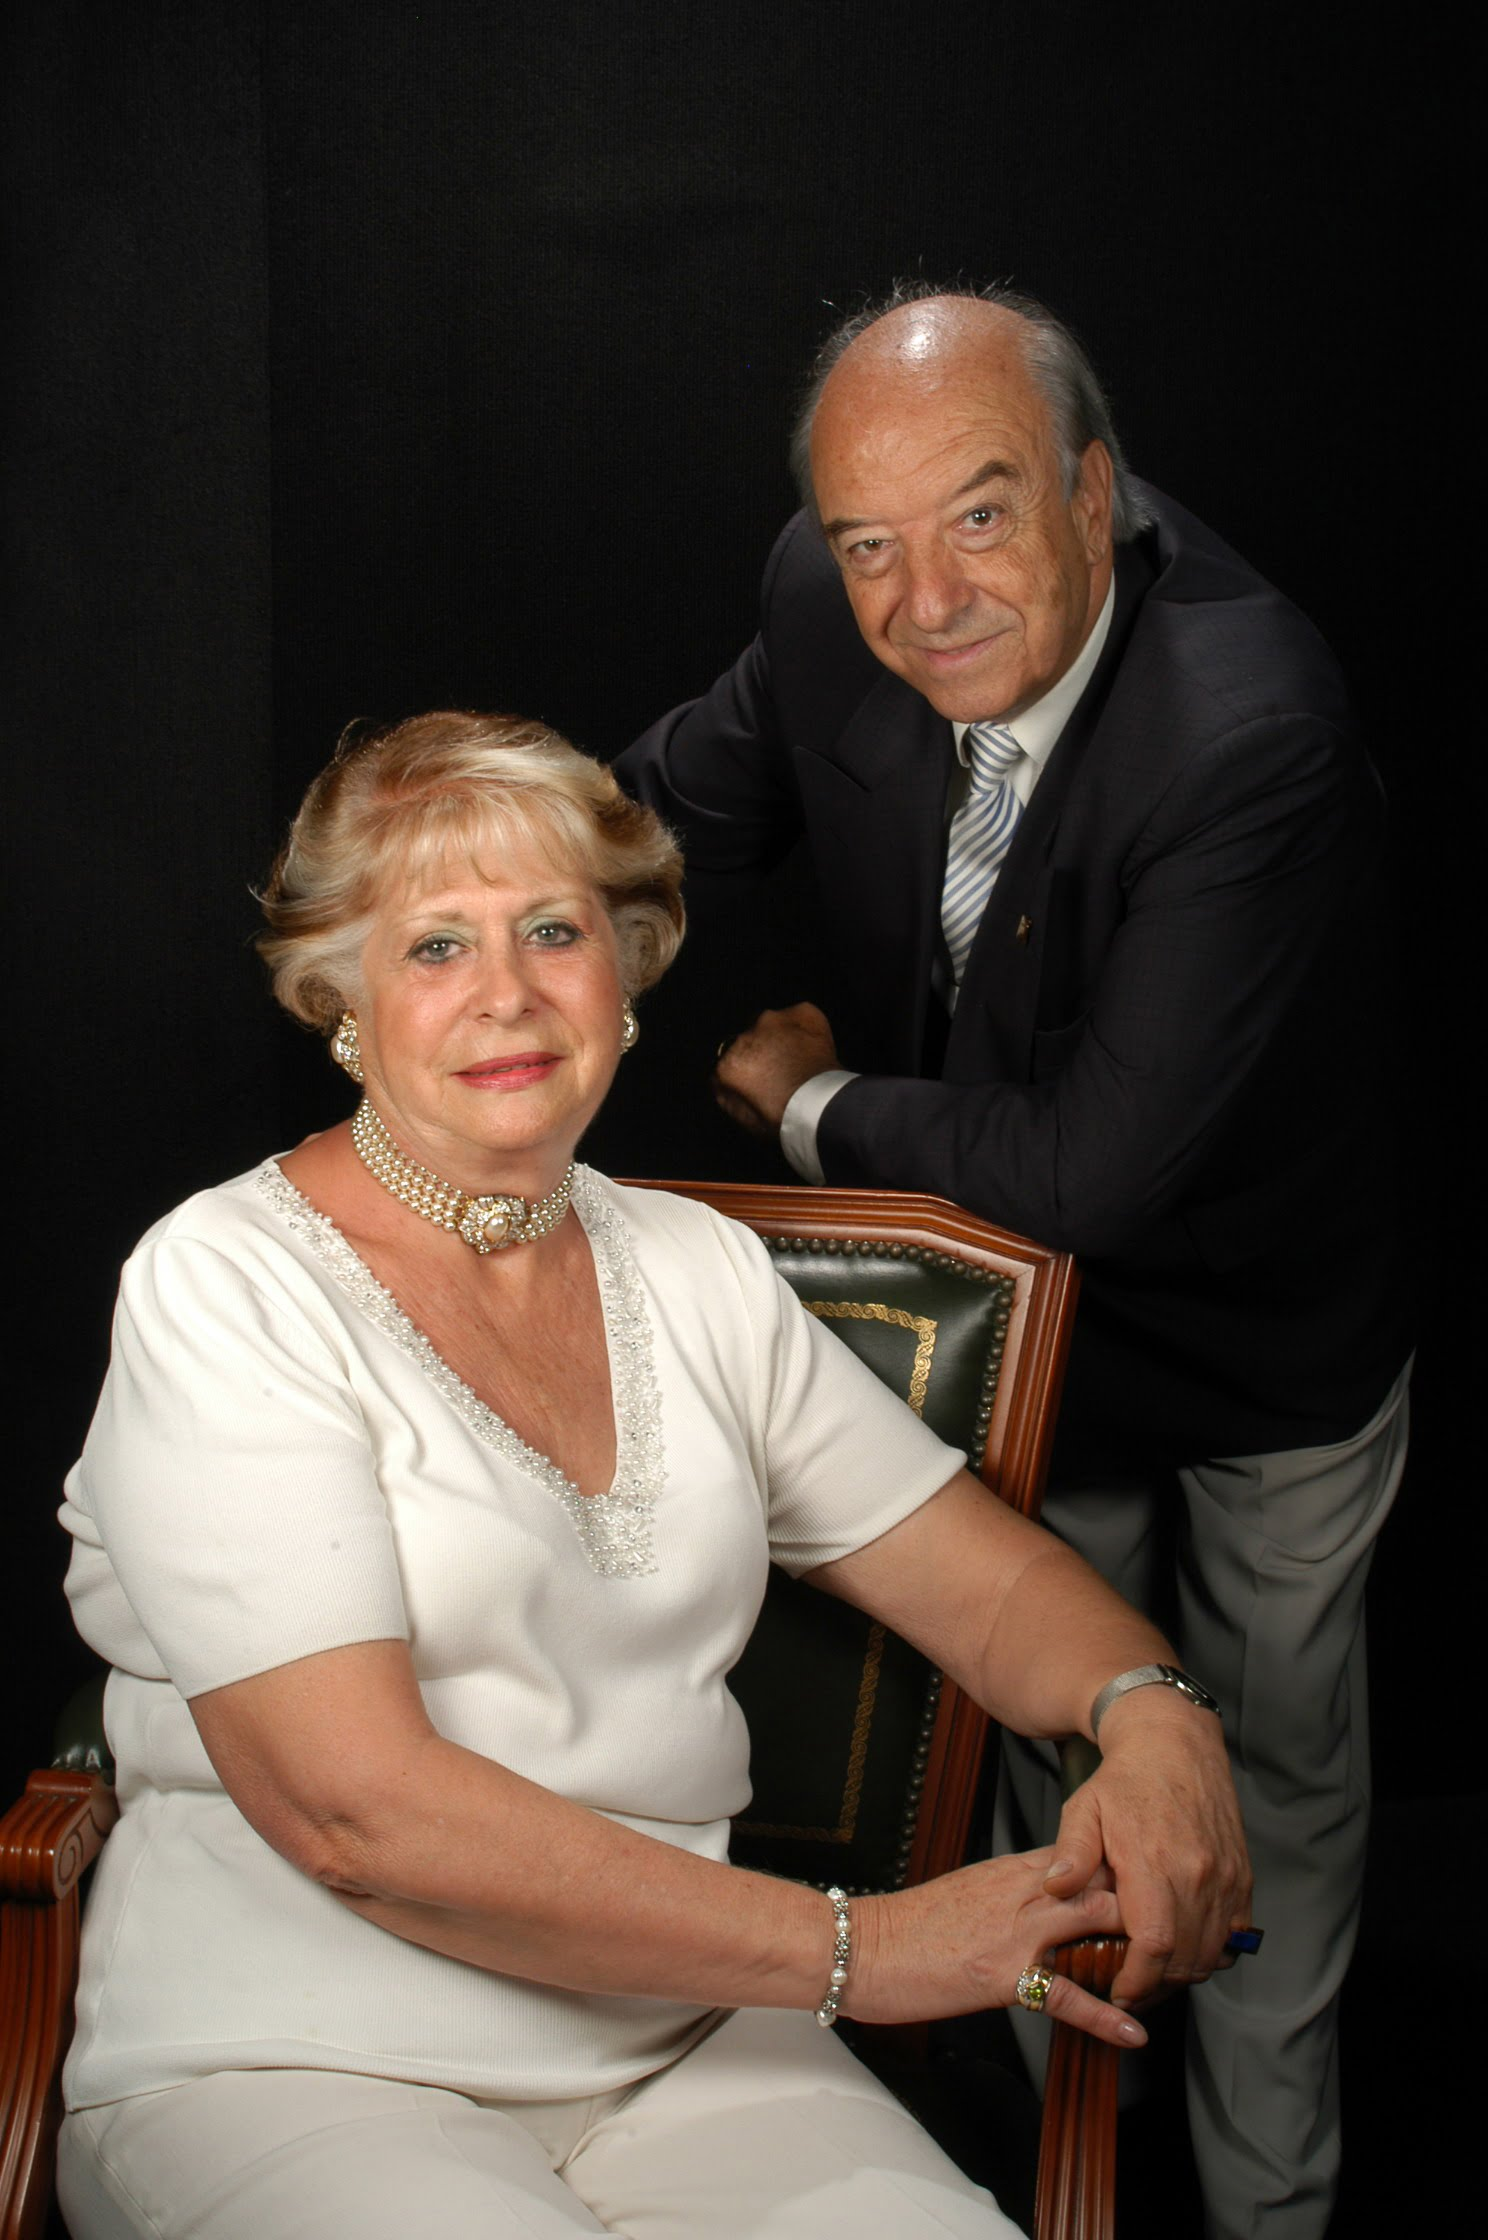 Sra. Guilera i Sr. Estrada